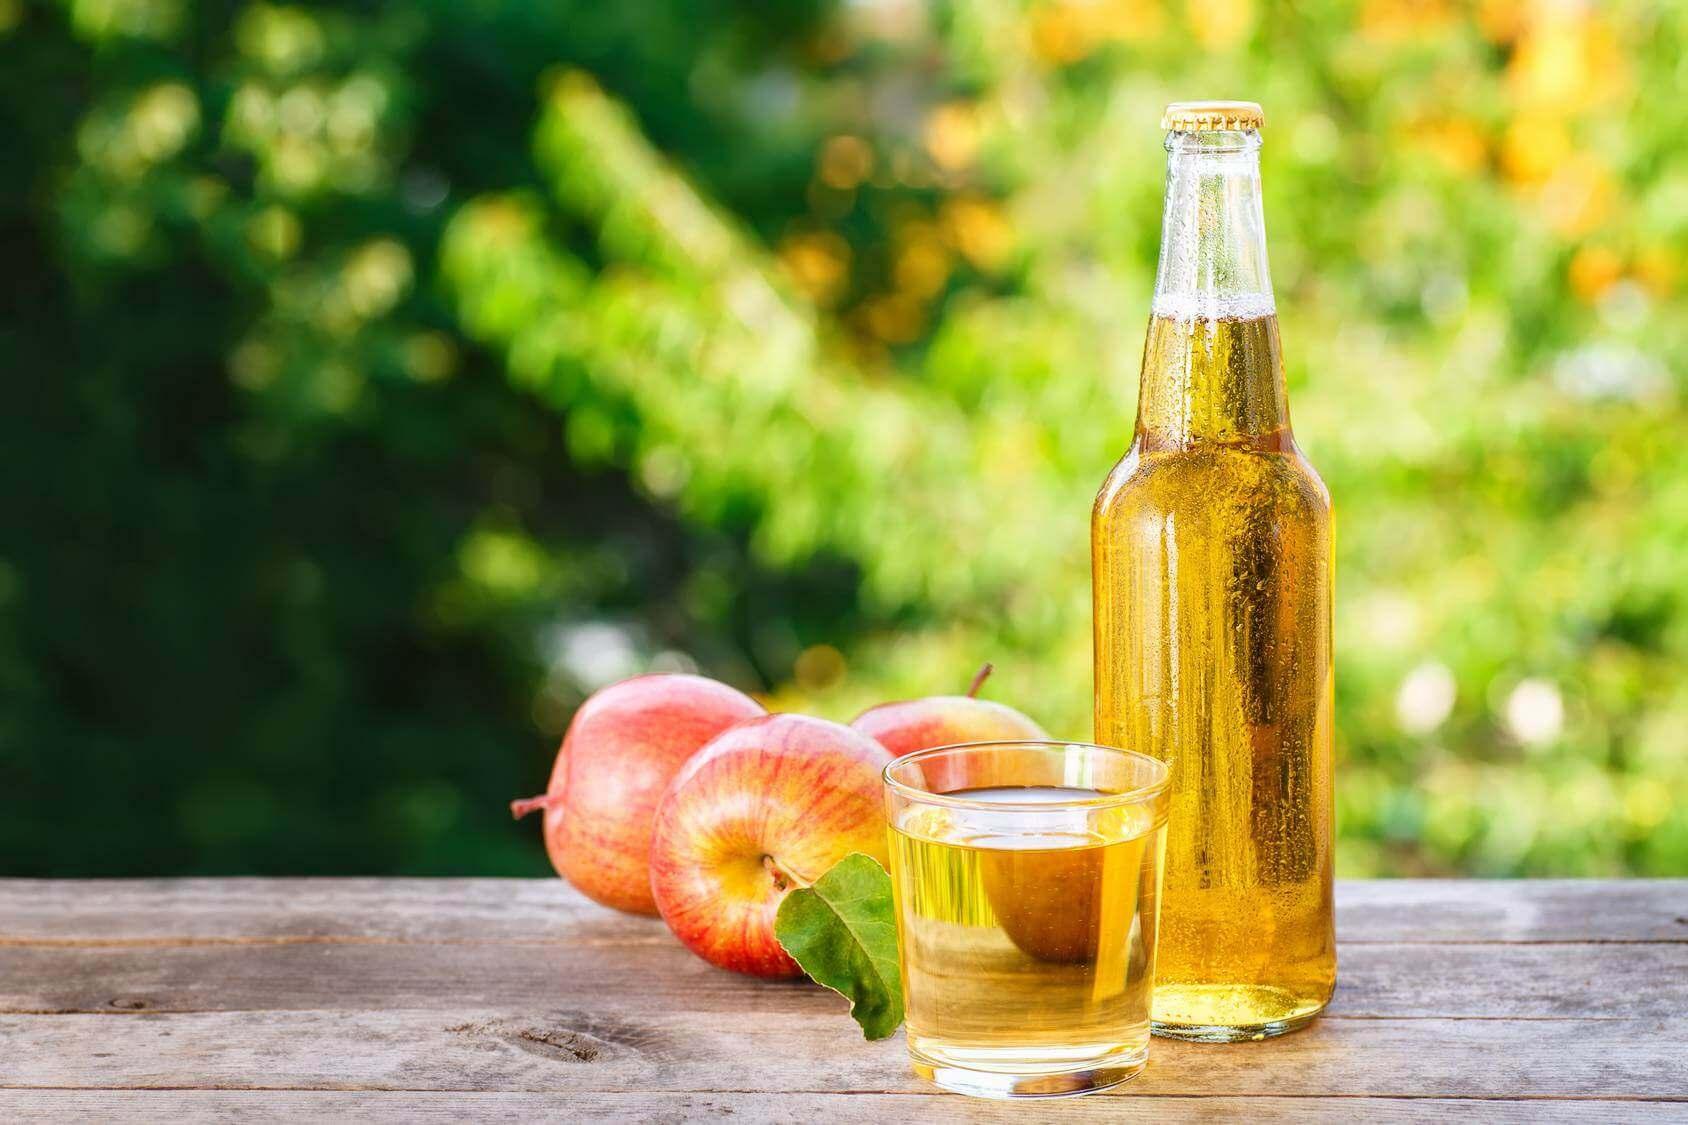 درمان خانگی زگیل تناسلی با سرکه سیب